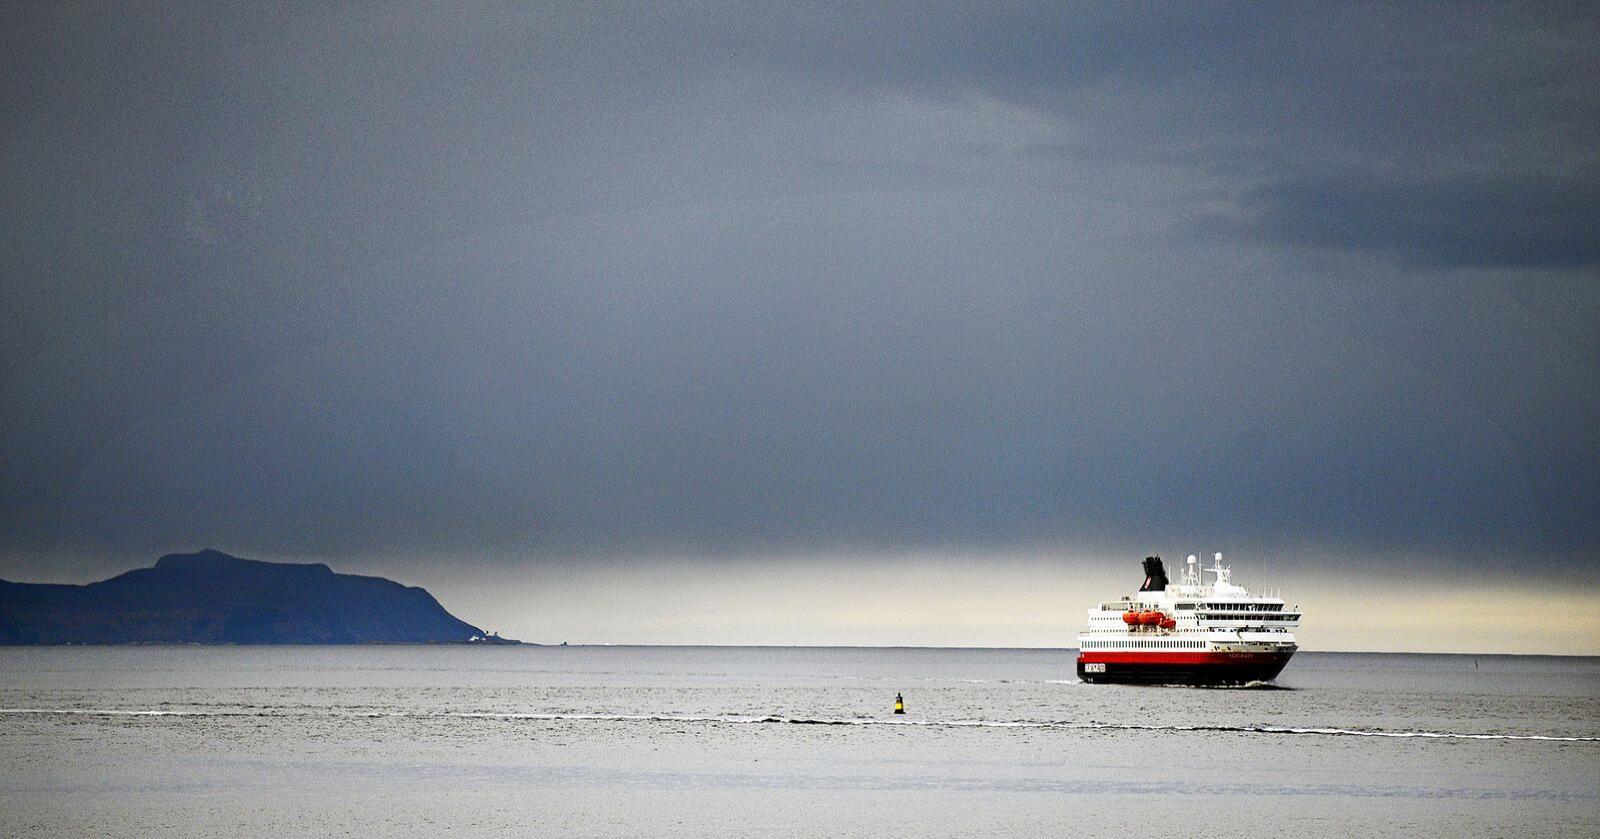 Kutter avganger: På tross av at selskapet får stor statlig støtte, kutter Hurtigruten avganger. Foto: Siri Juell Rasmussen